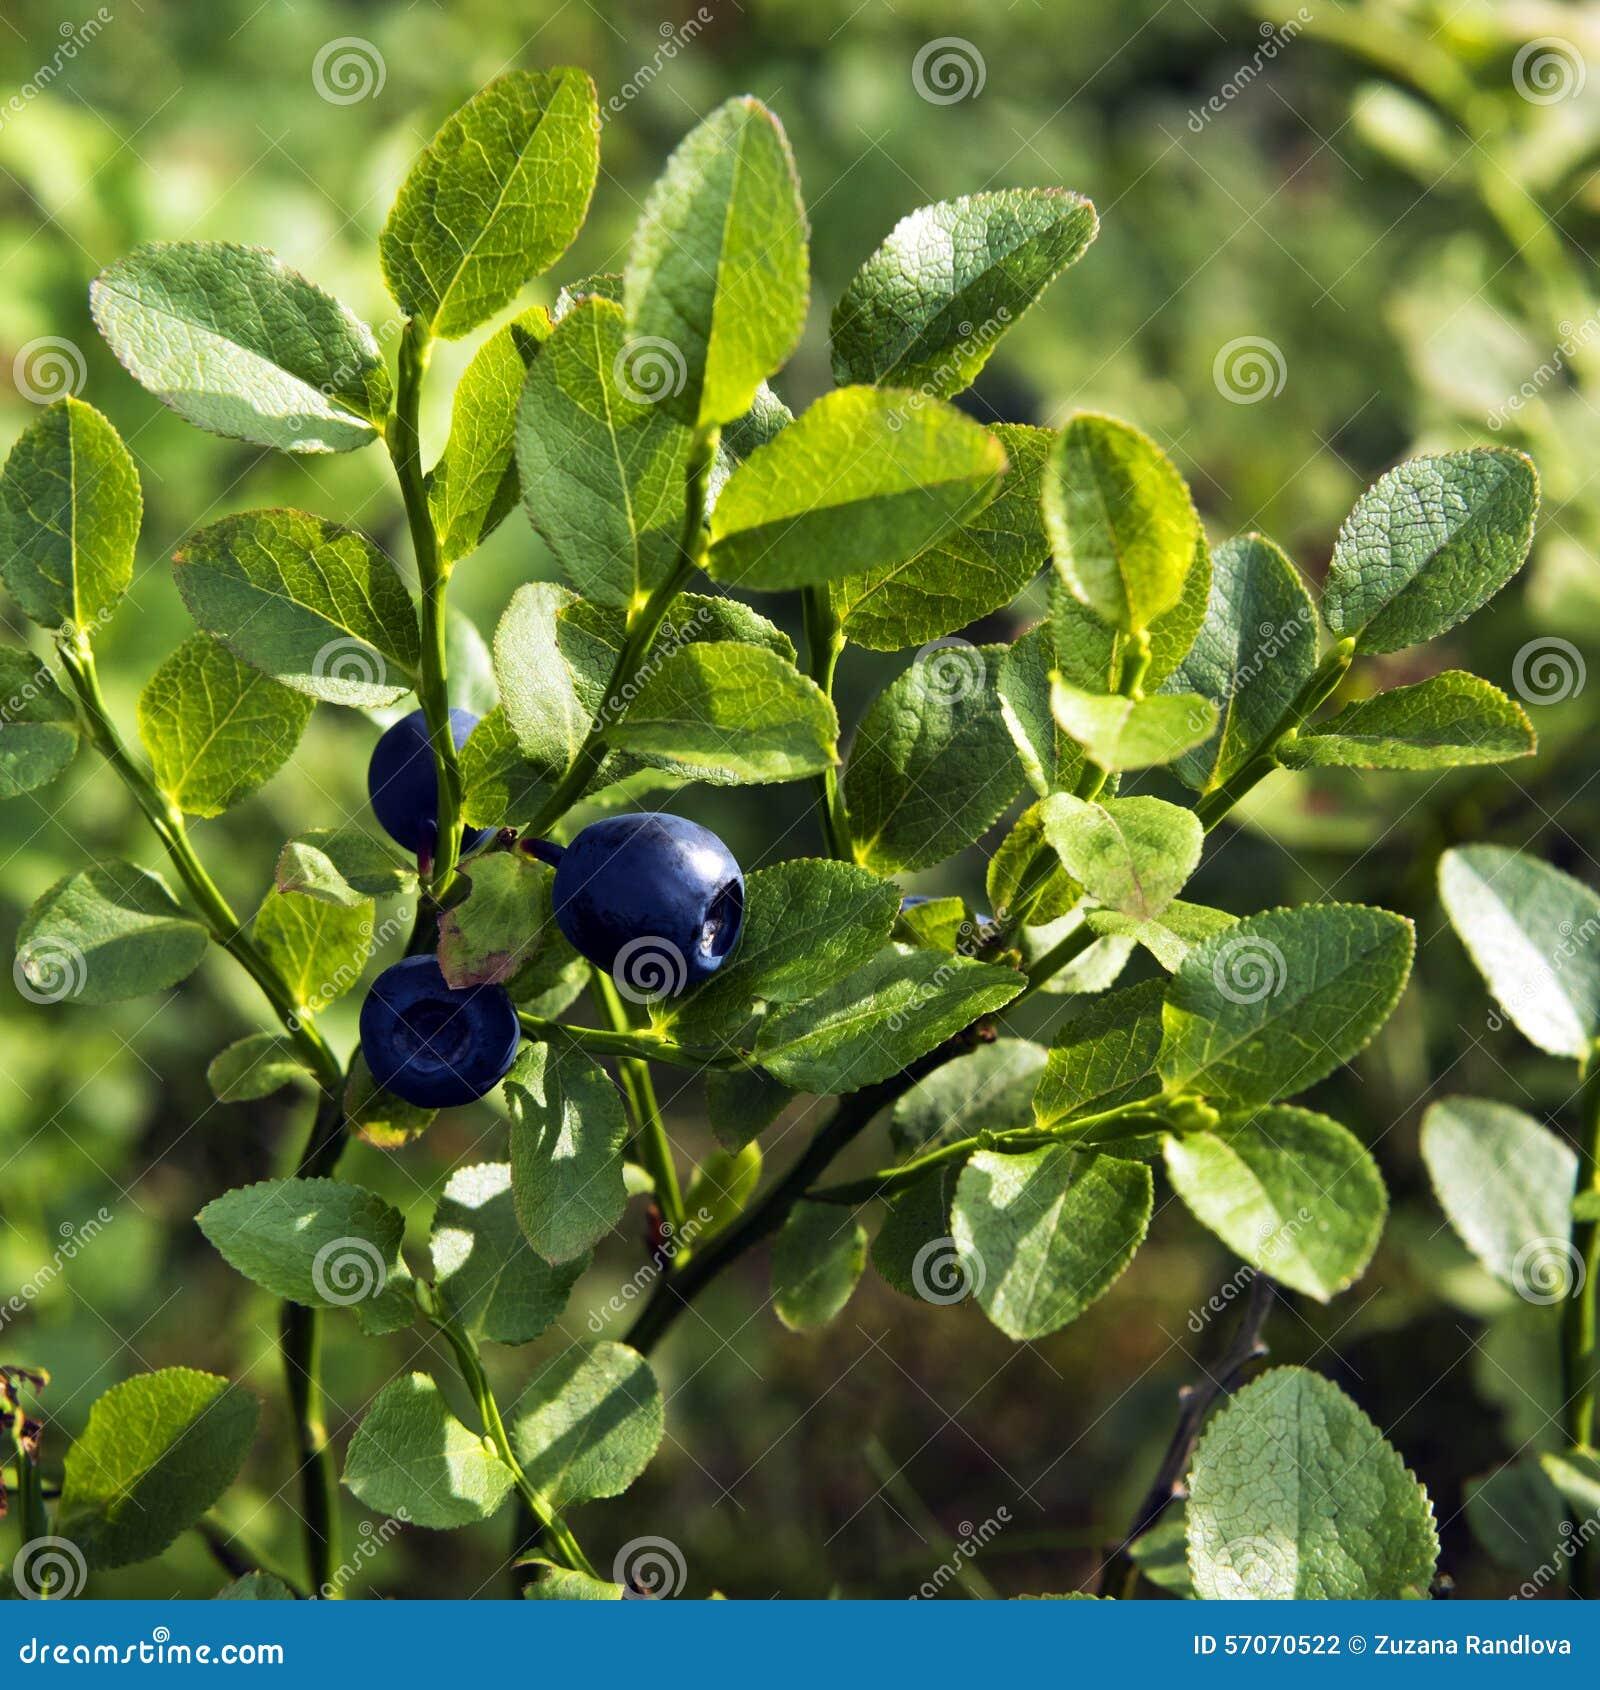 Bosbes, blauwe bosbes of Europese bosbes